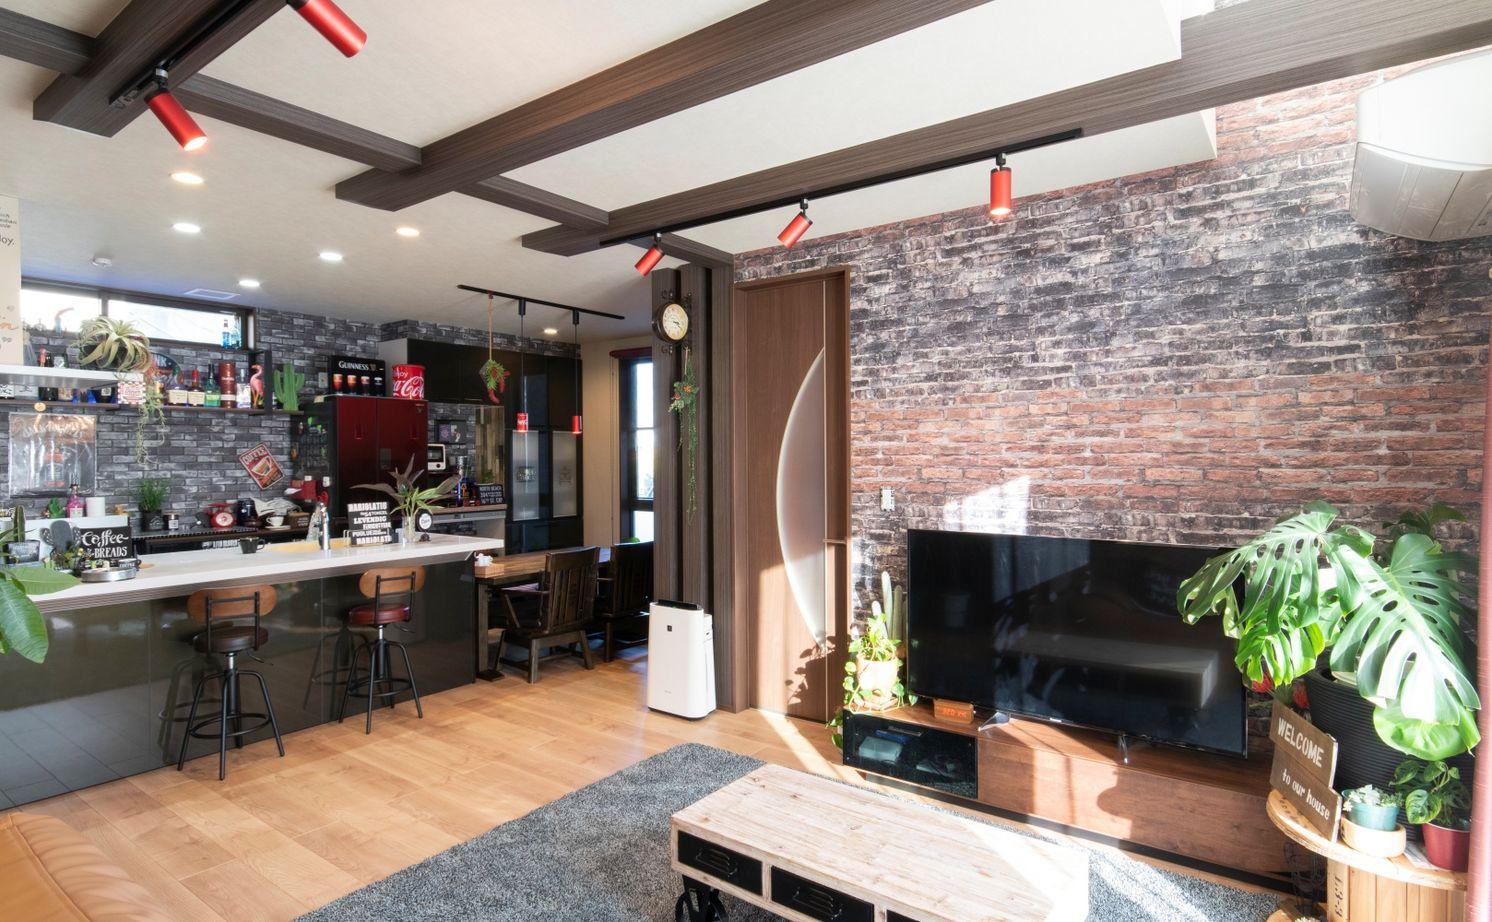 【2000万円台/139.53平米/間取り図あり】遊び心あるワクワク空間を実現 価格やサービスにも満足な快適な家画像1